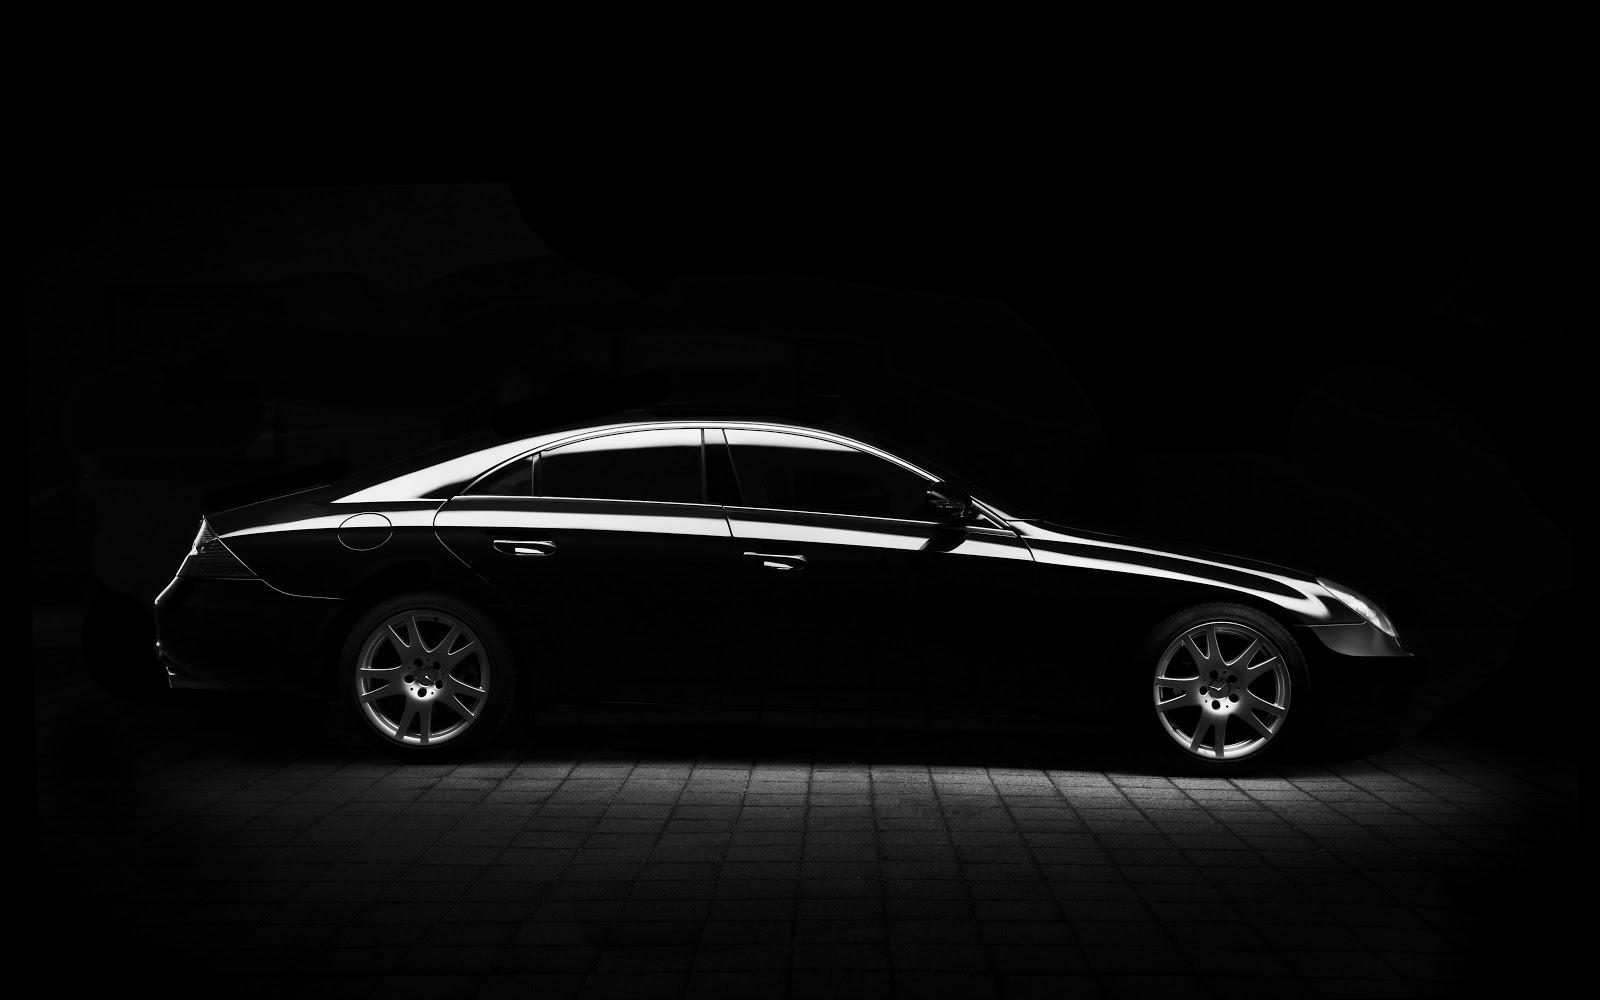 Black Mercedes chauffeur